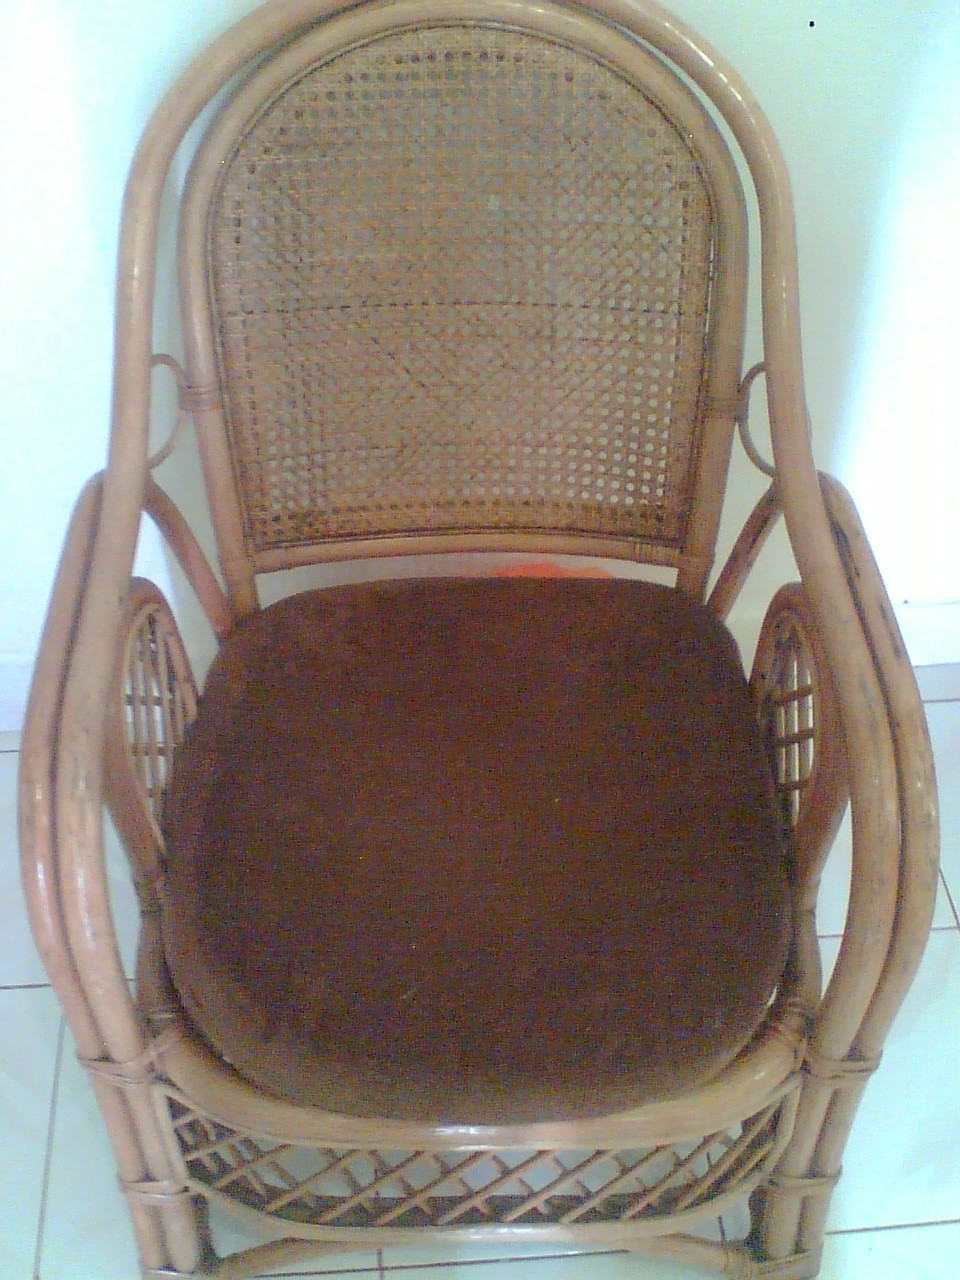 kursi rotan dari sumatera dengan bantalannya